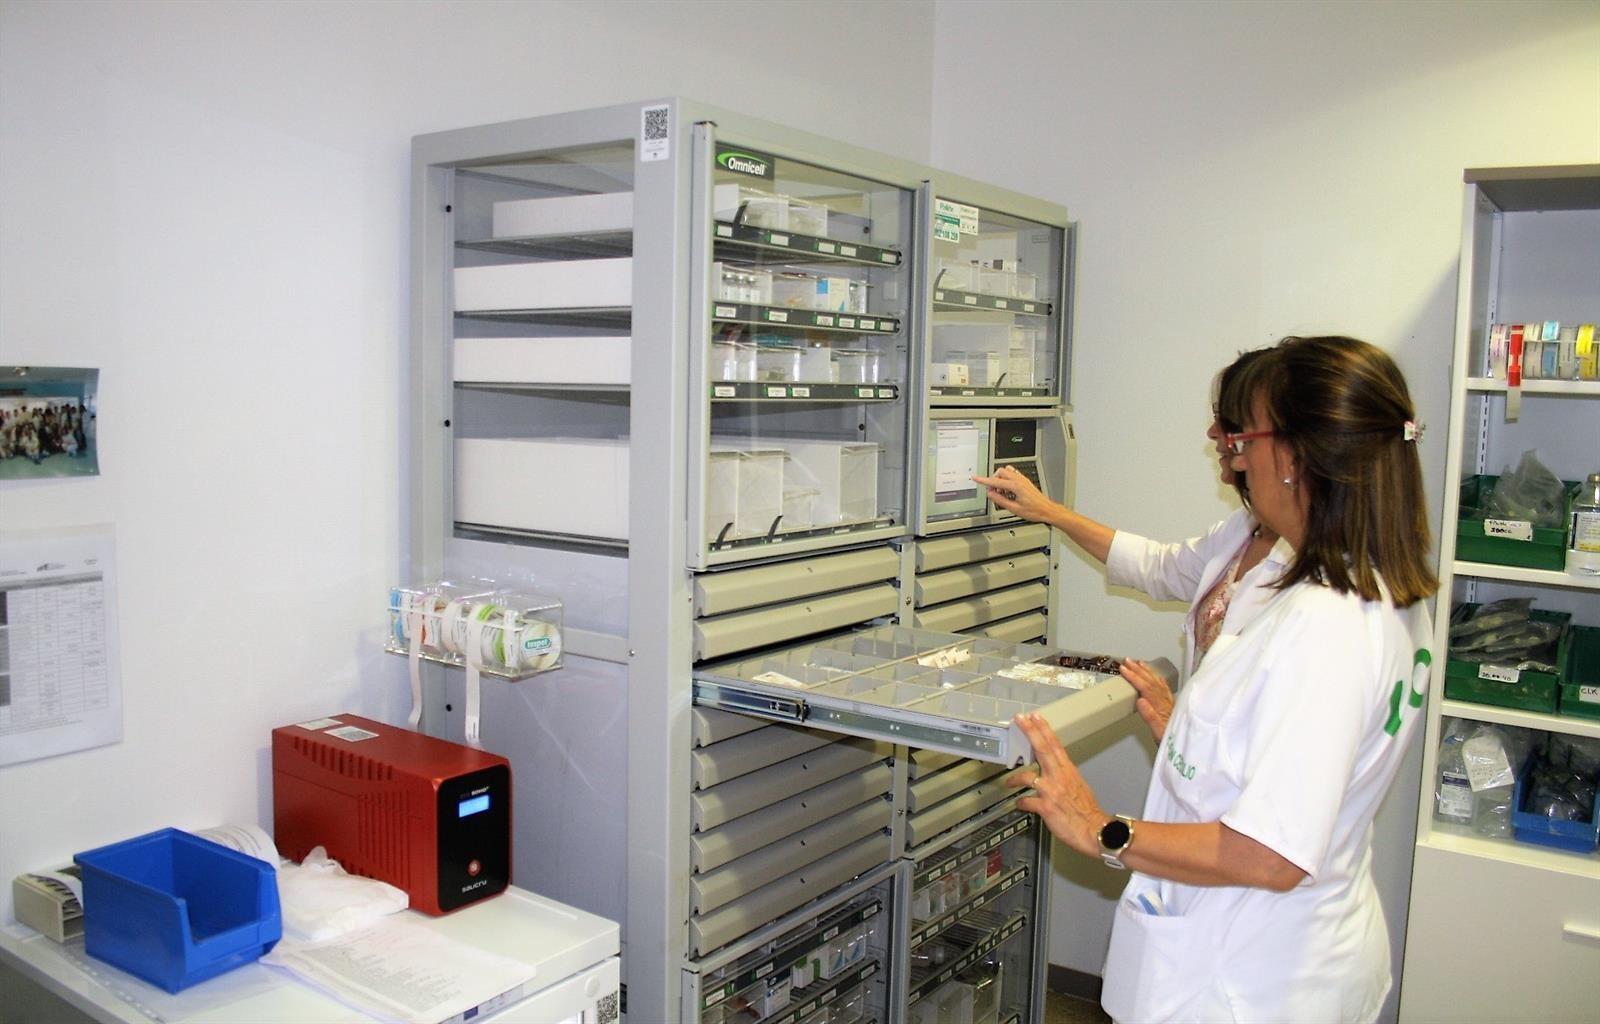 Mejoran la seguridad del paciente crítico con sistemas automáticos de dispensación de medicamentos